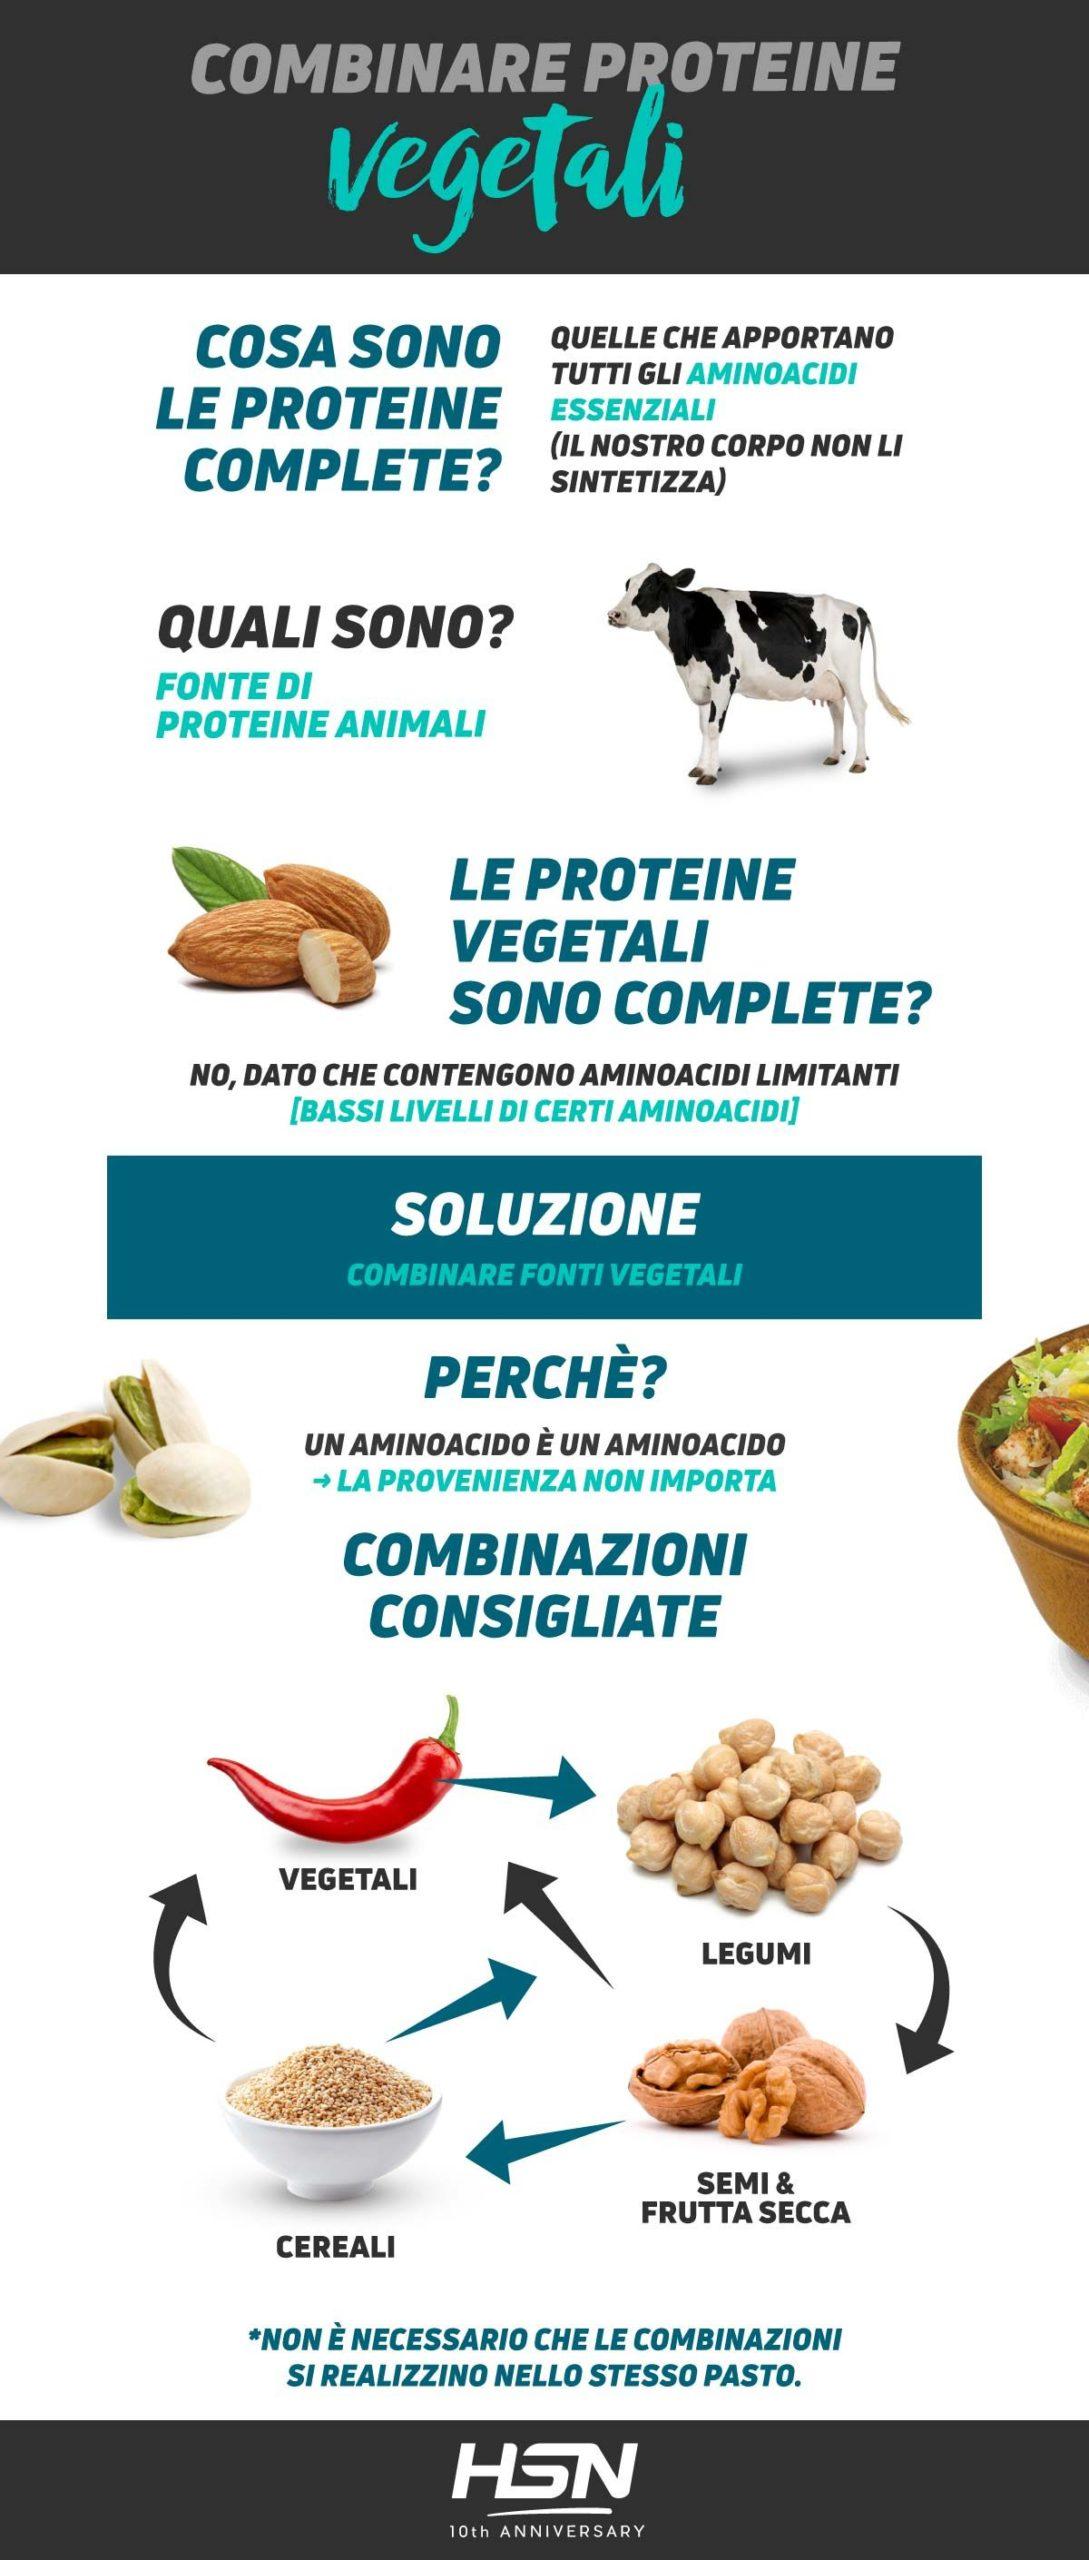 Combinare Proteine